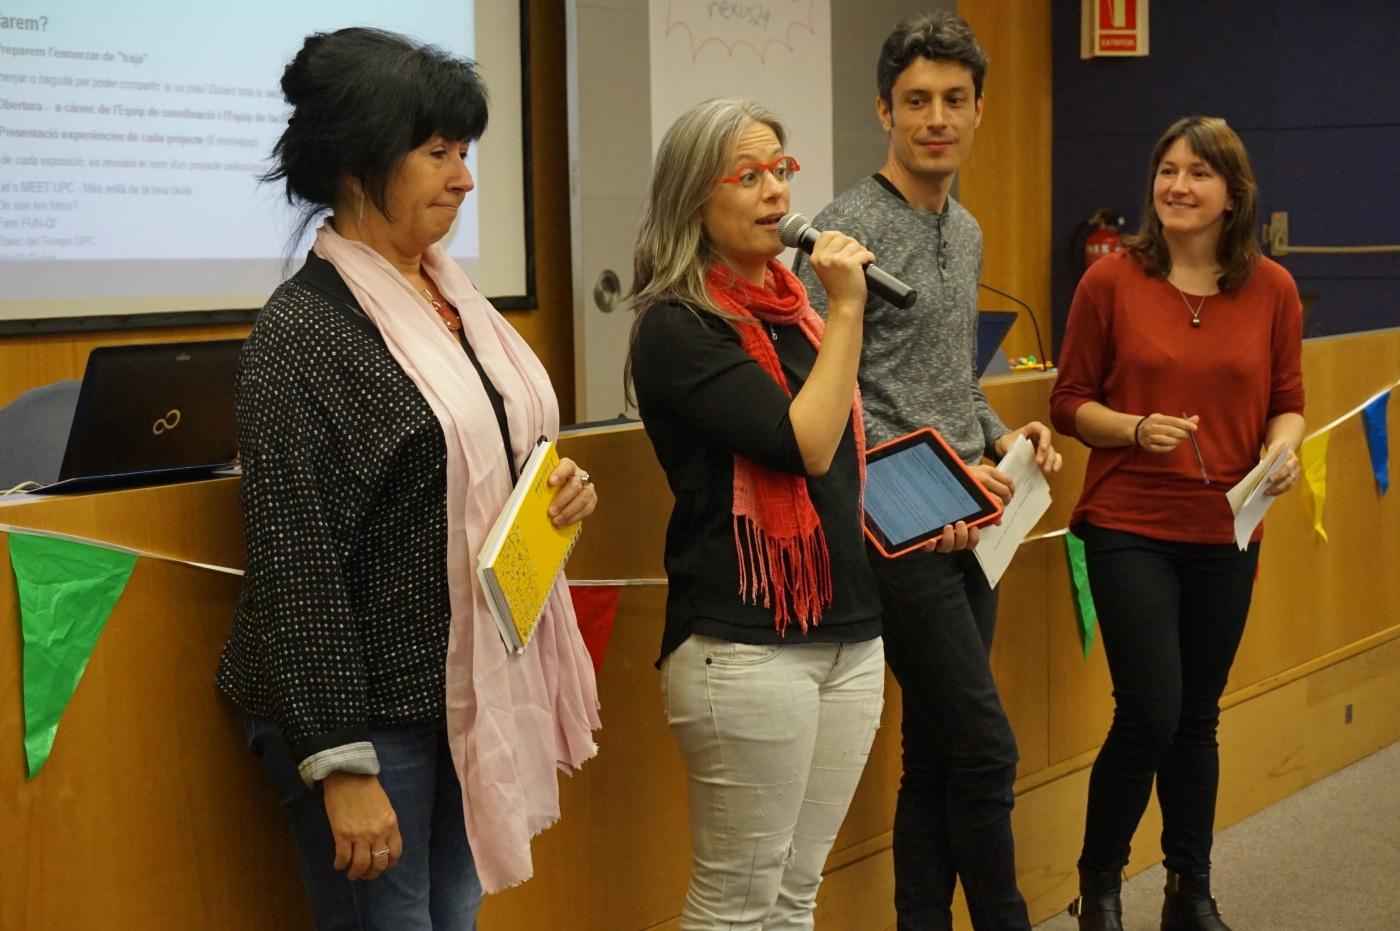 Angels, Maria, Oscar i Bea parlant